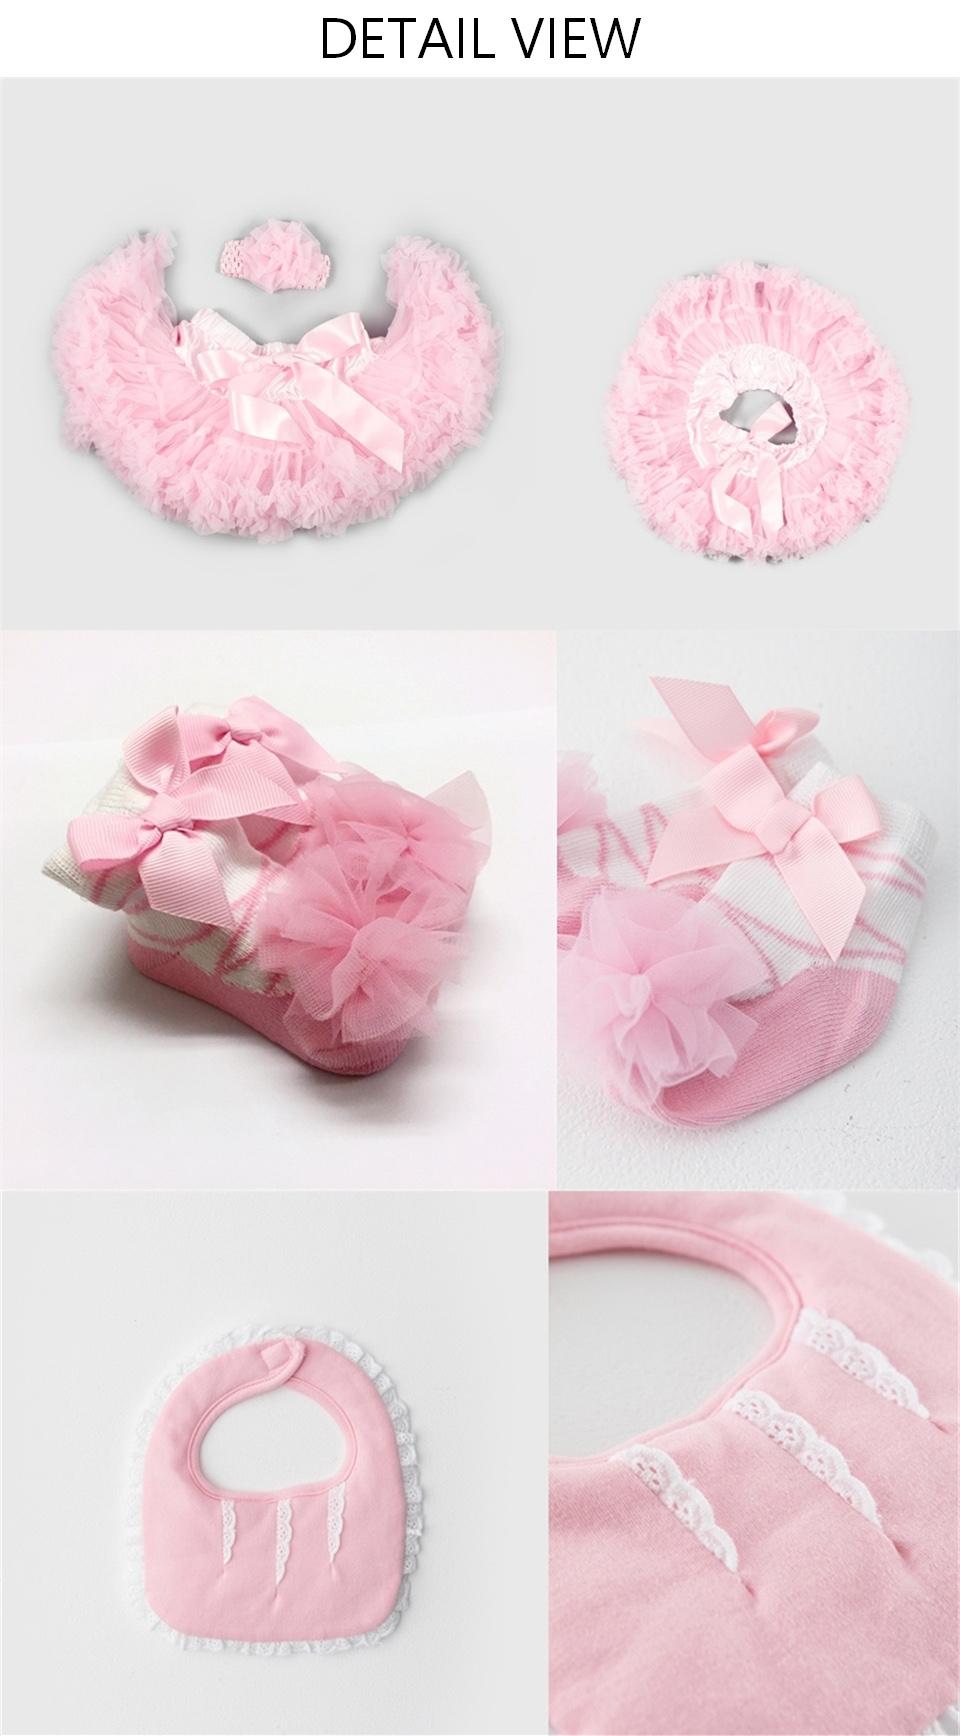 日安朵朵 女嬰童蓬蓬裙禮盒 - 粉嫩小公主睡美人 (裙+圍兜+寶寶襪) 睡美人